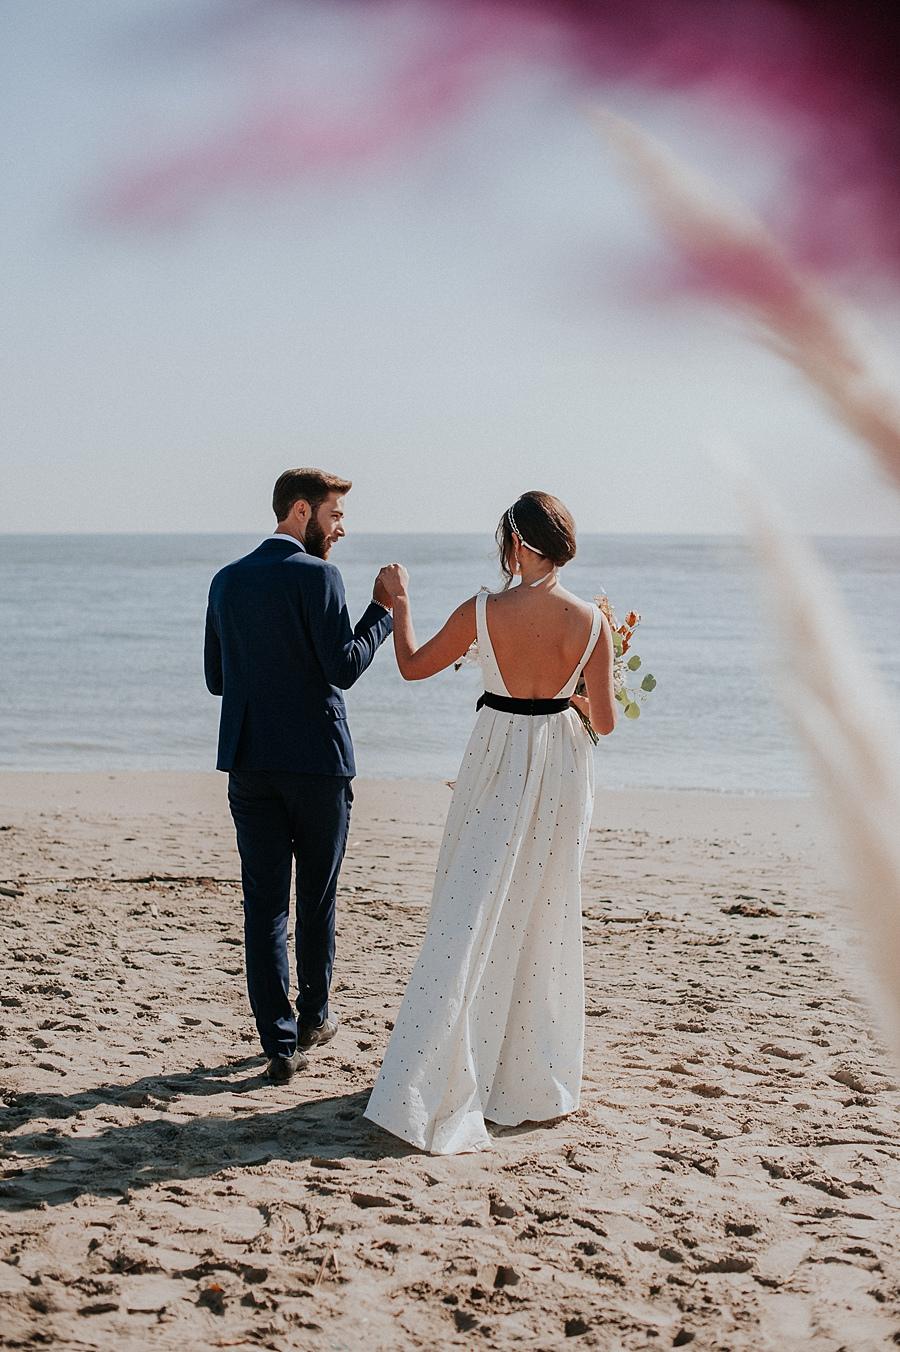 Autumn Beach Wedding Portrait